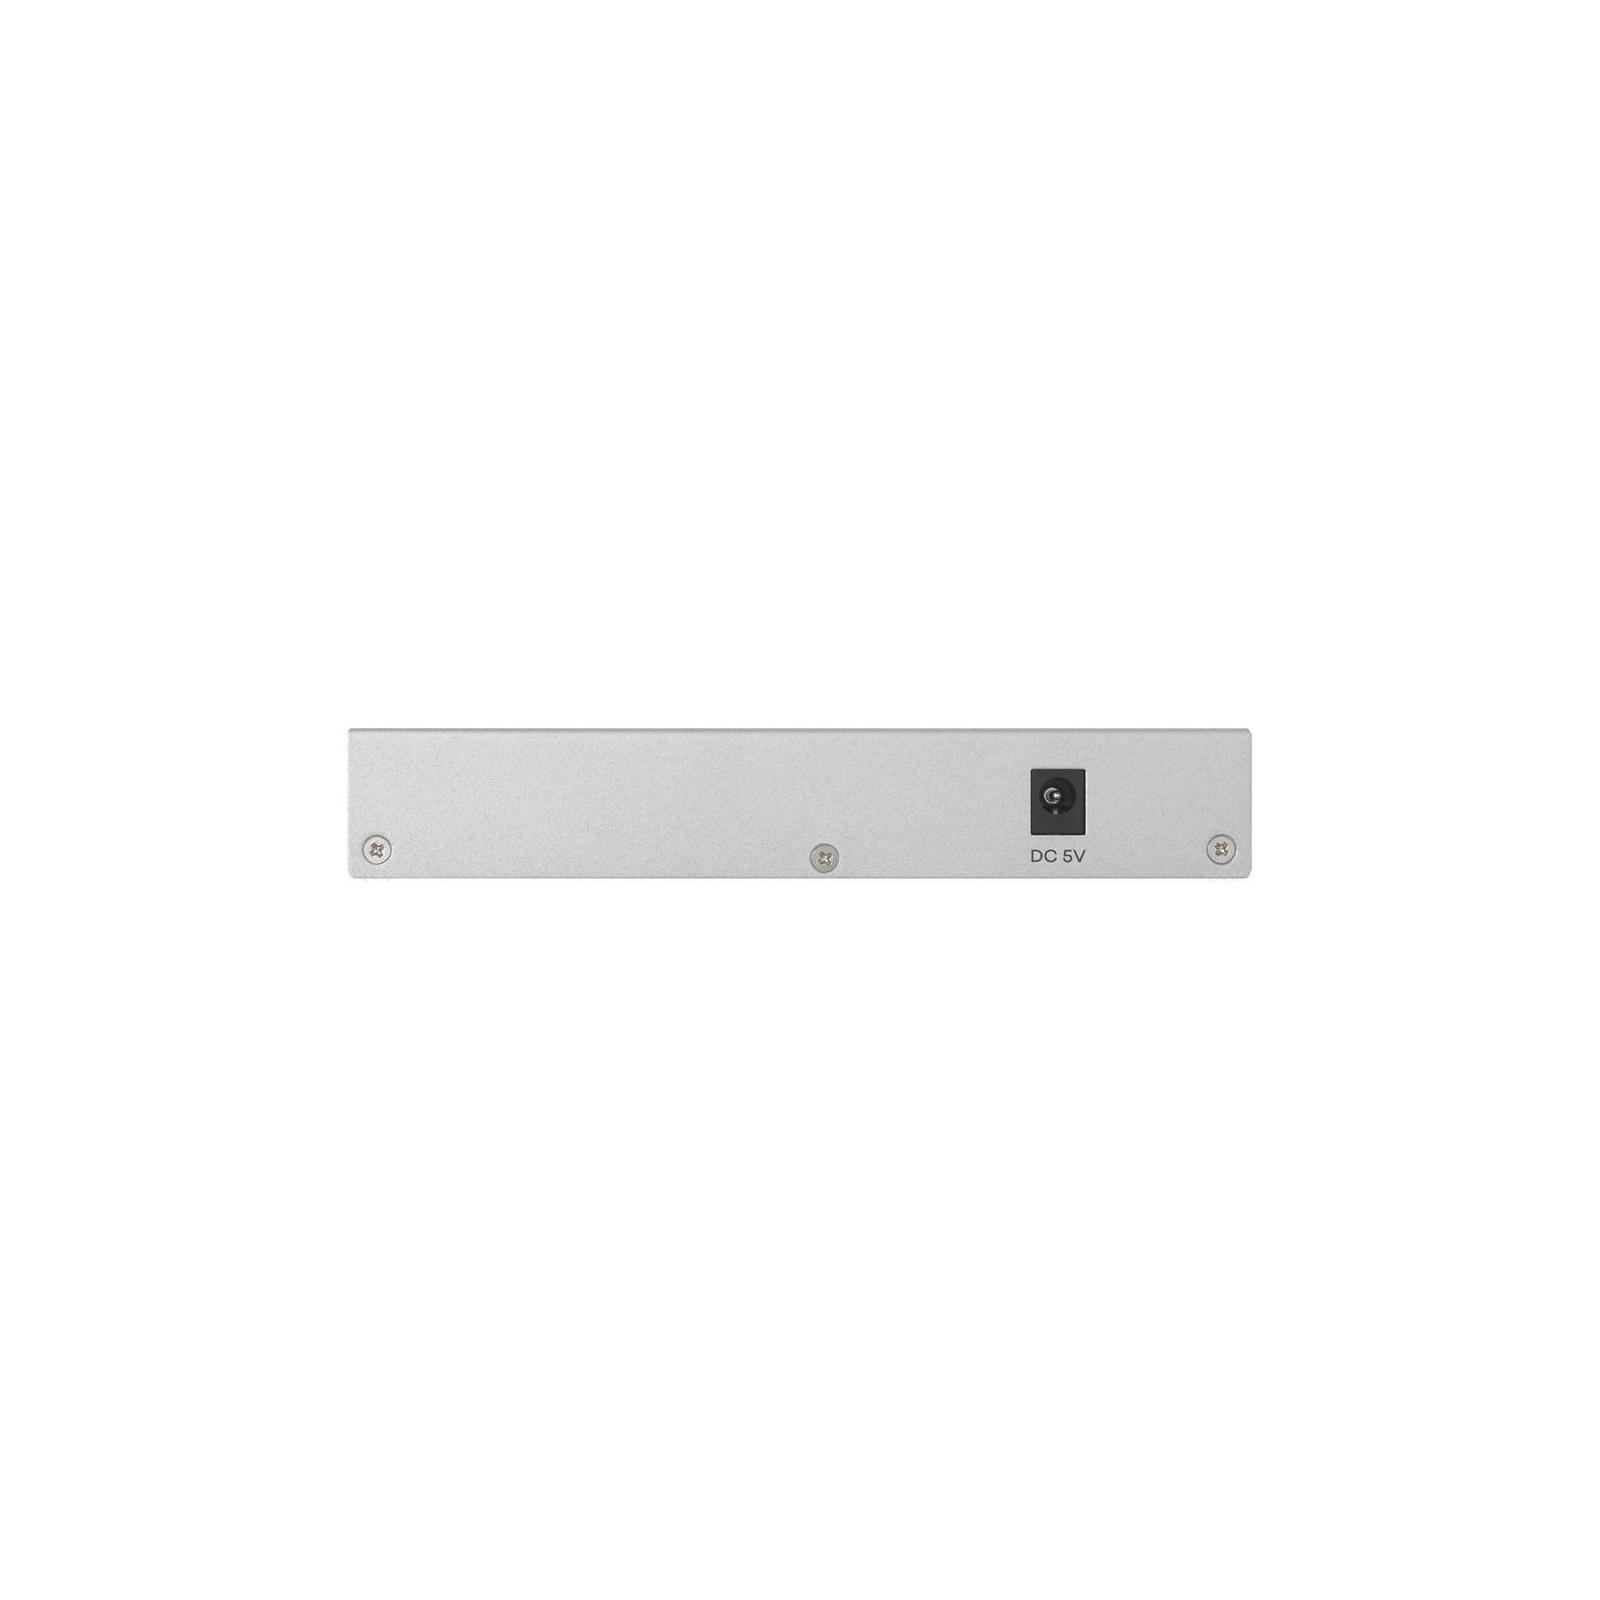 Коммутатор сетевой ZyXel GS1200-8 (GS1200-8-EU0101F) изображение 4